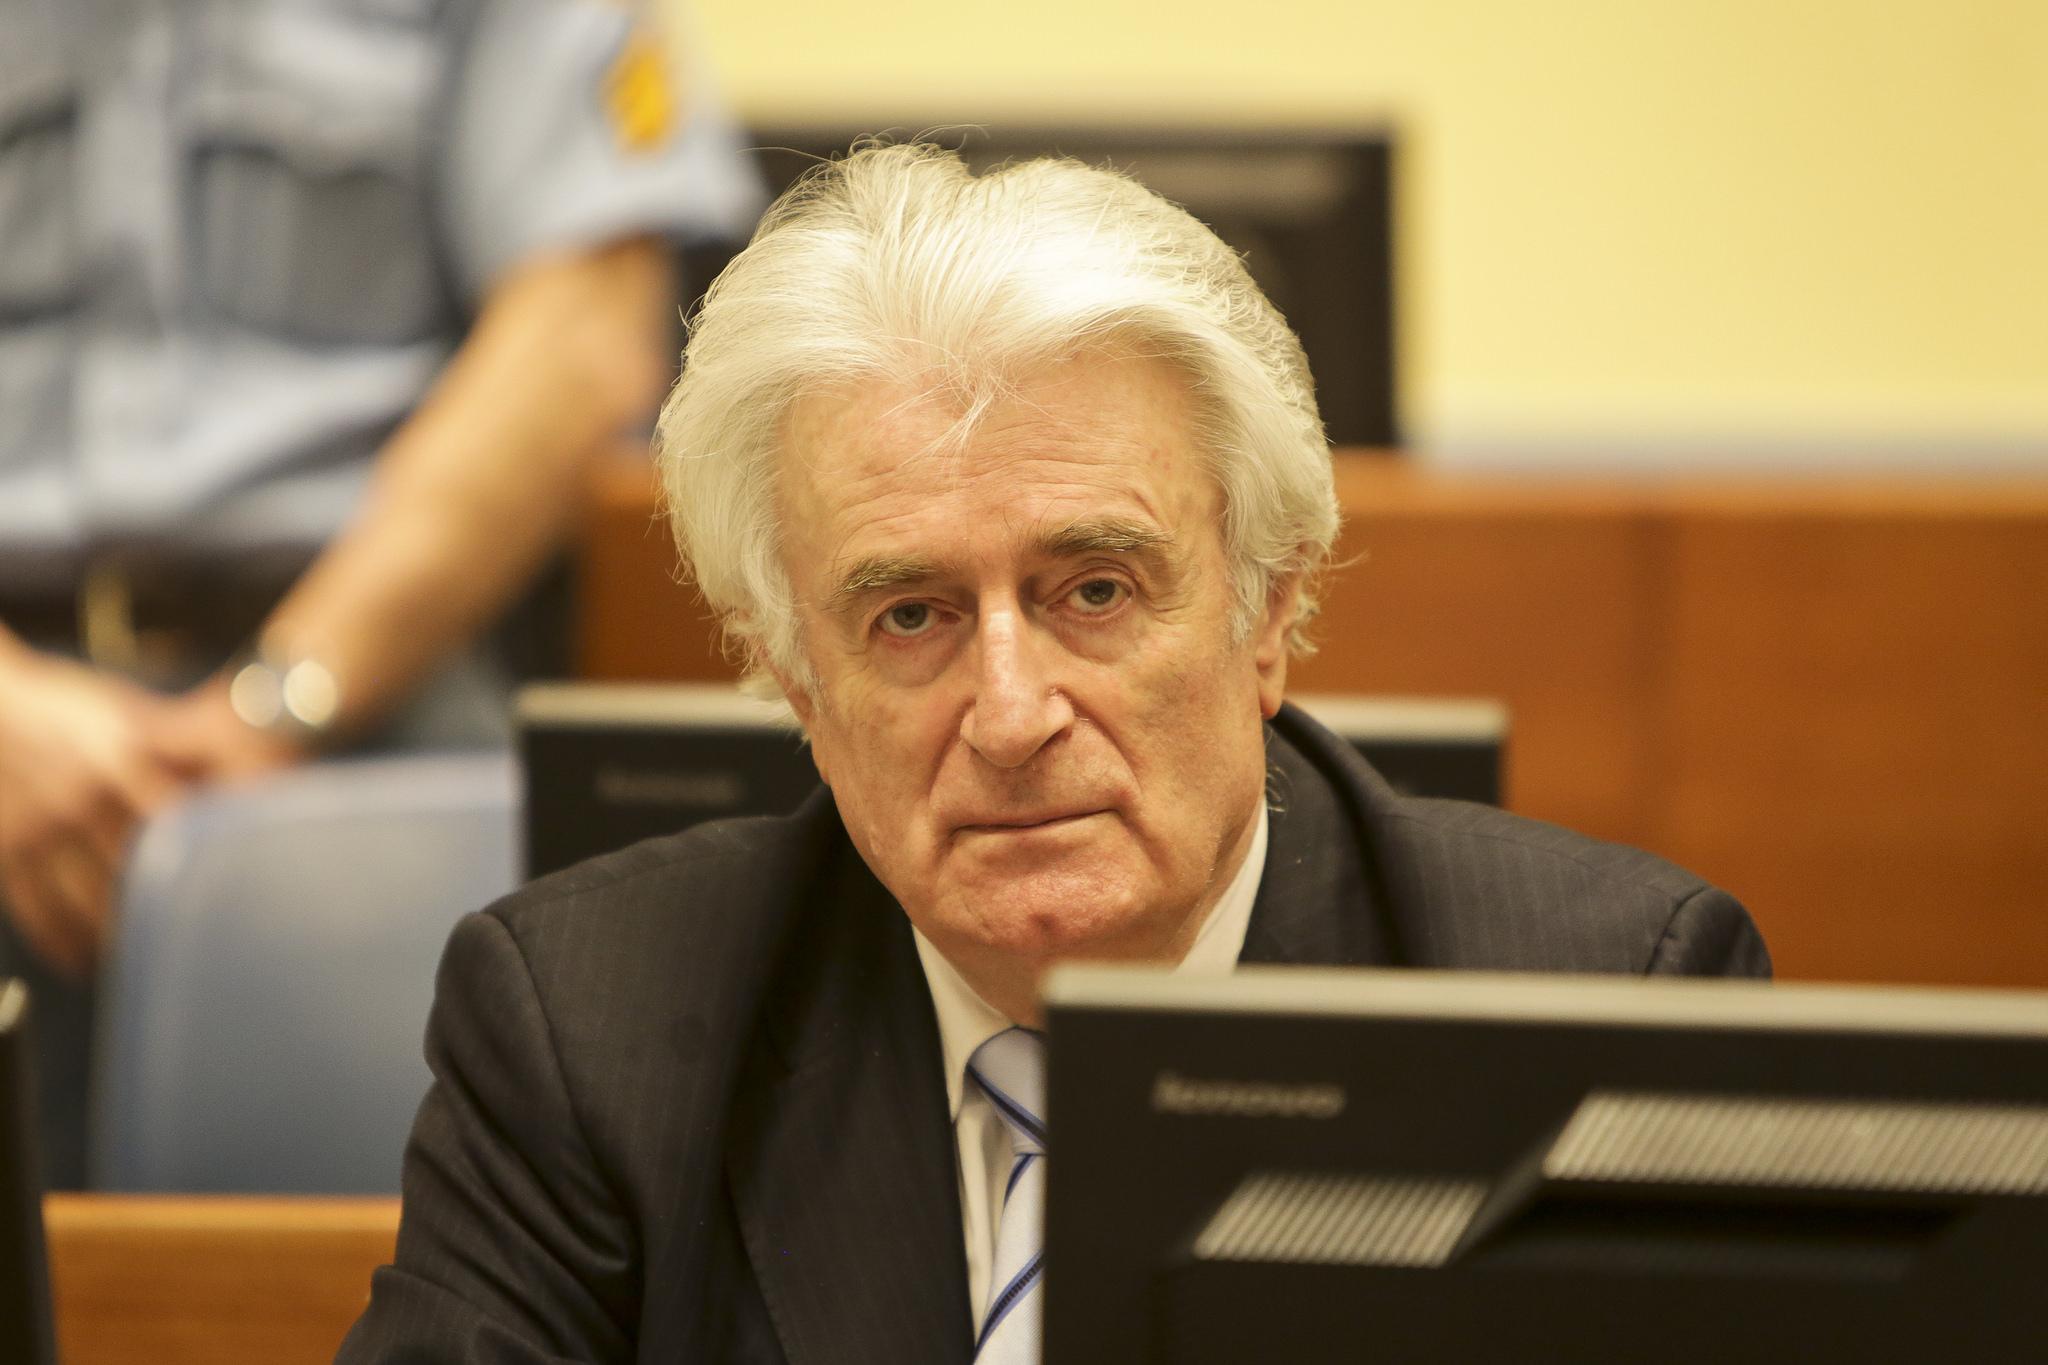 Former Bosnian Serb Leader Radovan Karadzic Sentenced to Life